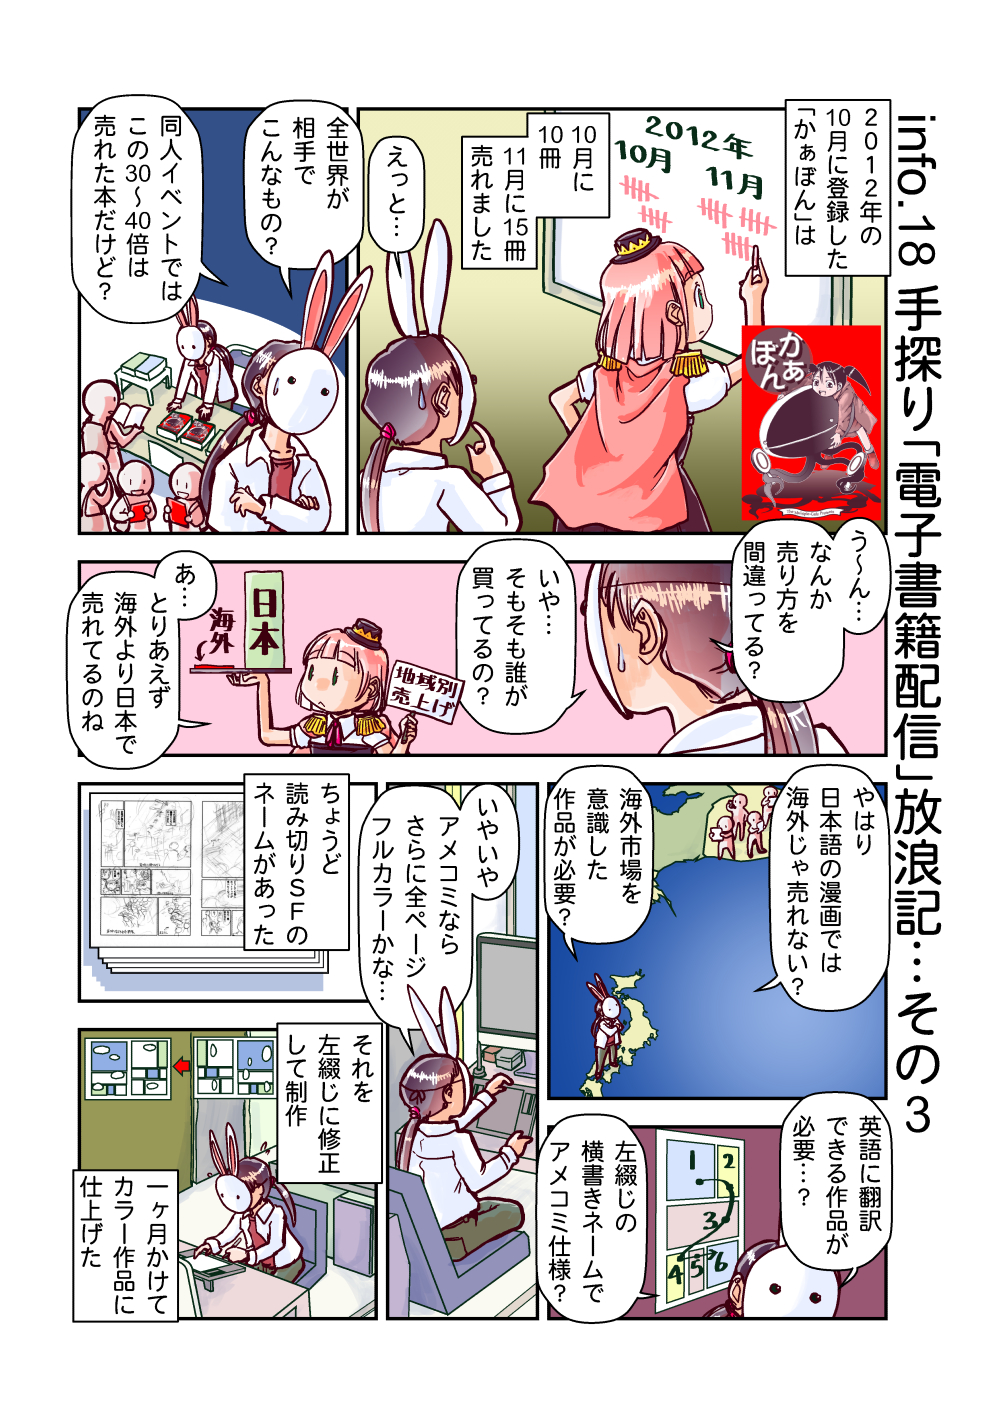 記 アメコミ 放浪 [B! 漫画]